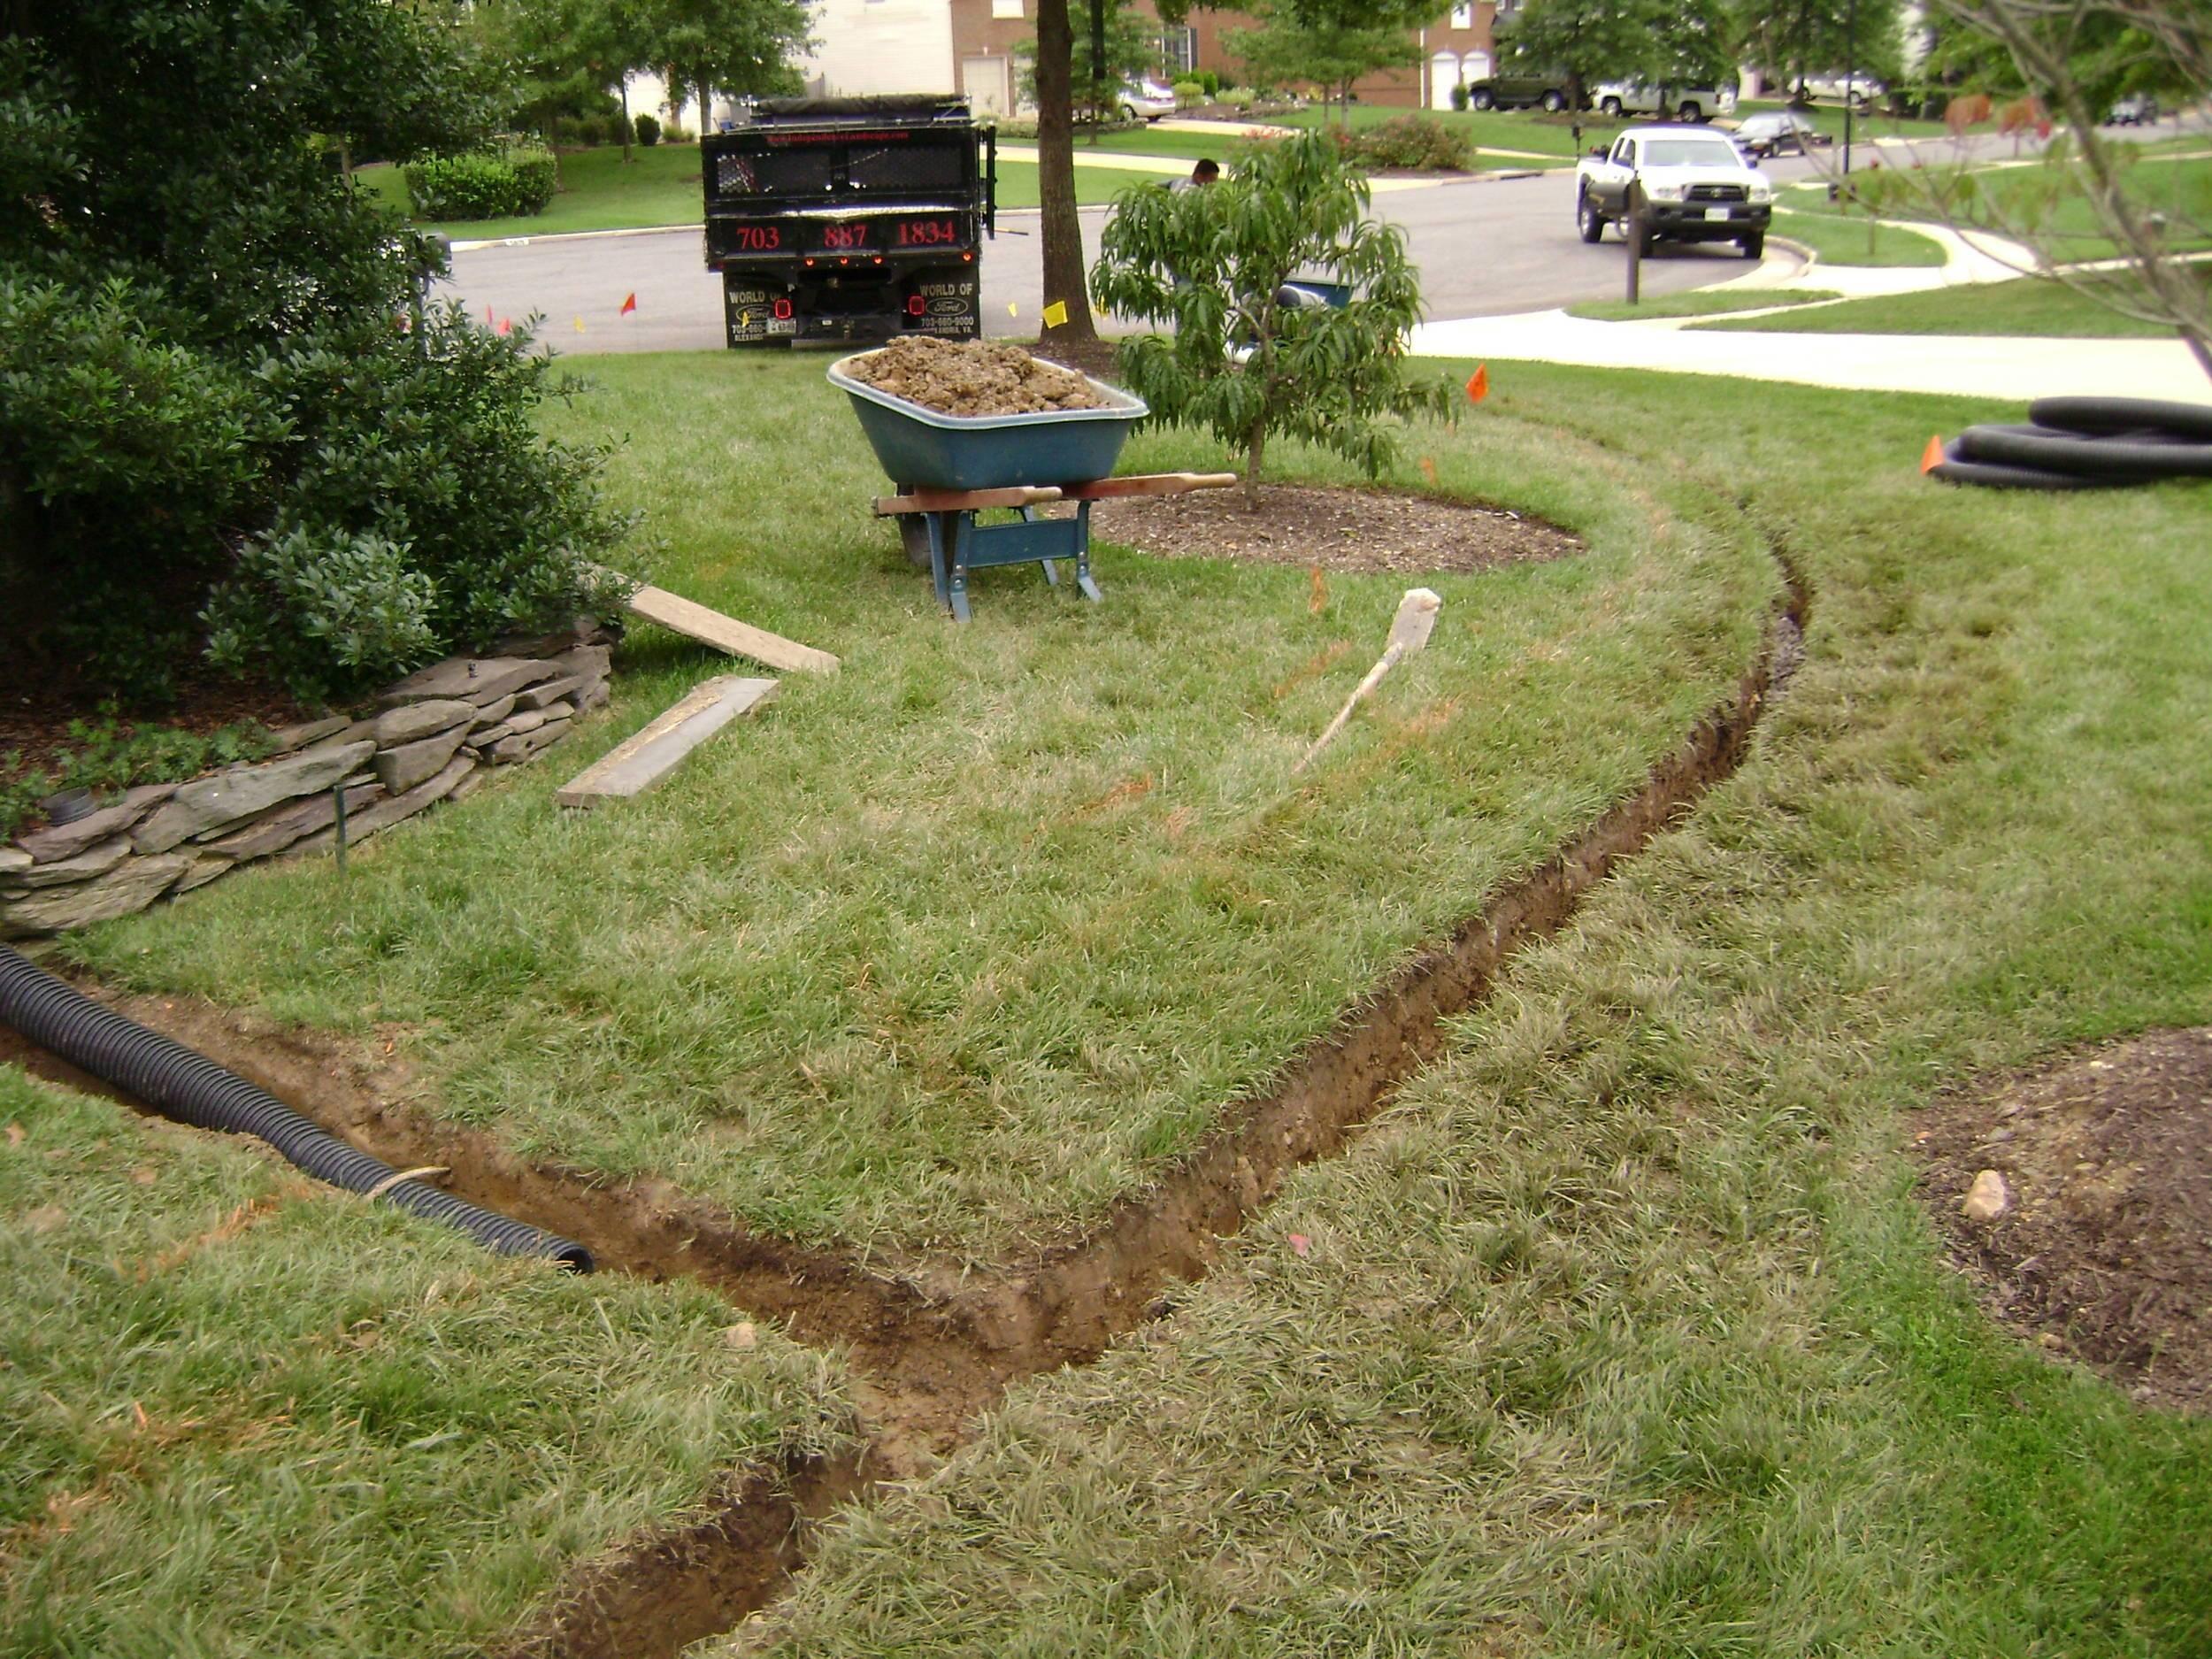 Газонная трава: когда сажать газонную траву своими руками - весной или осенью? когда сеять, расход семян